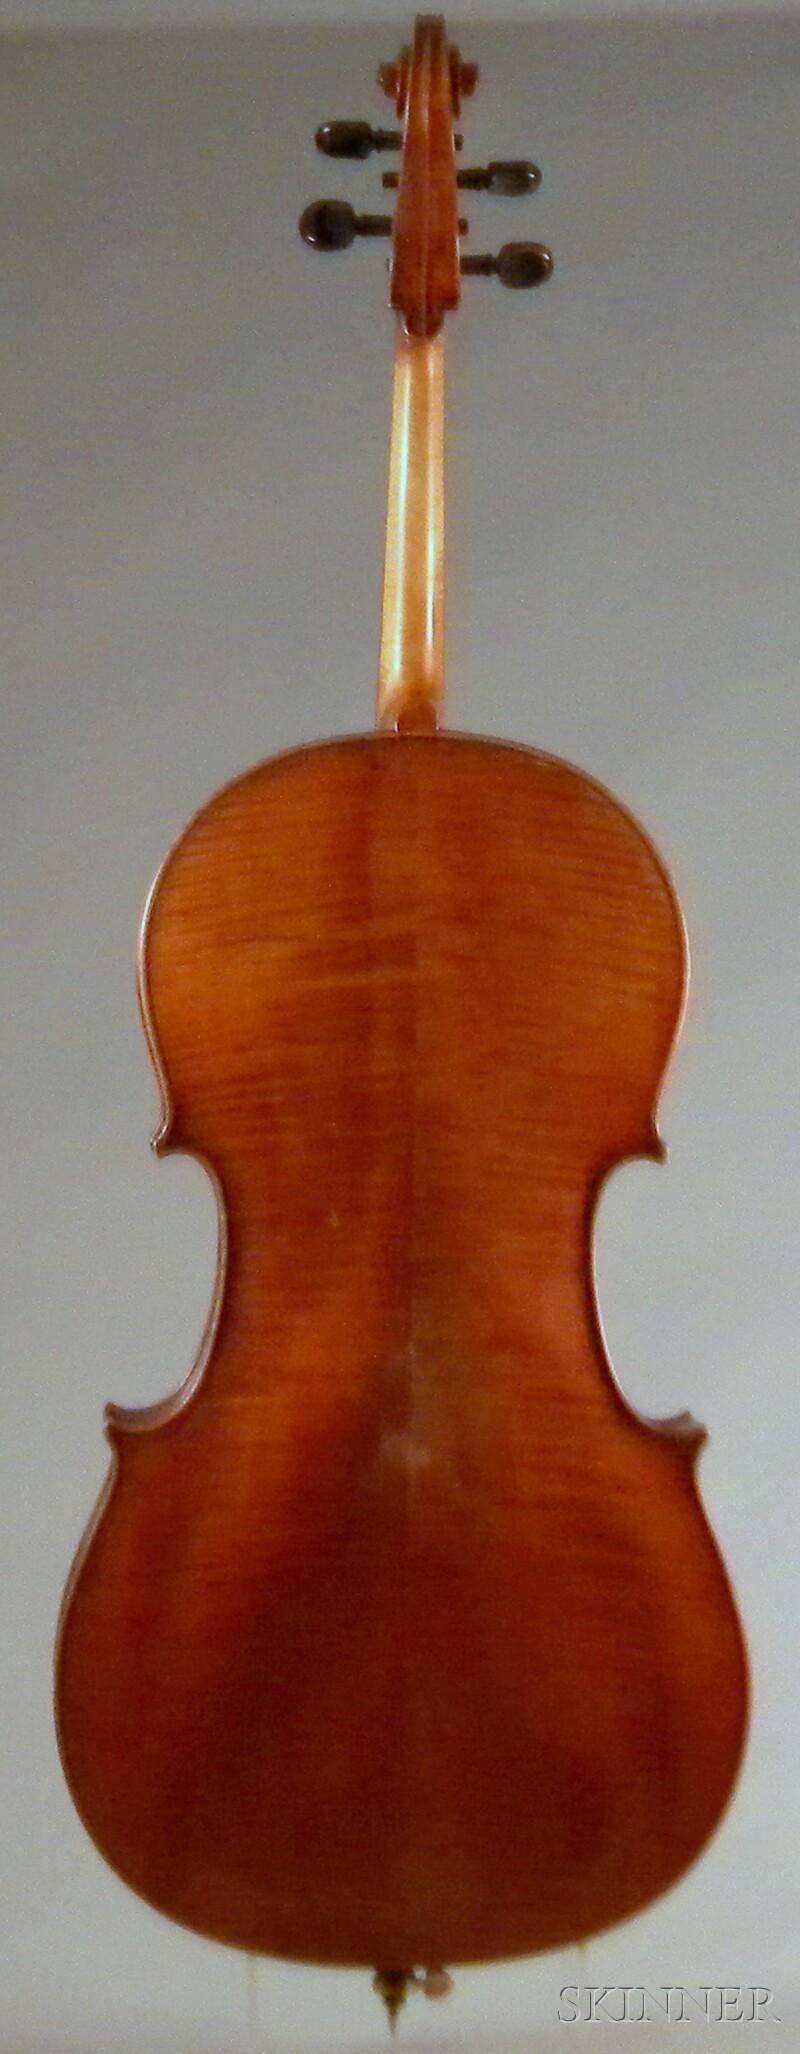 German Violoncello, c. 1910